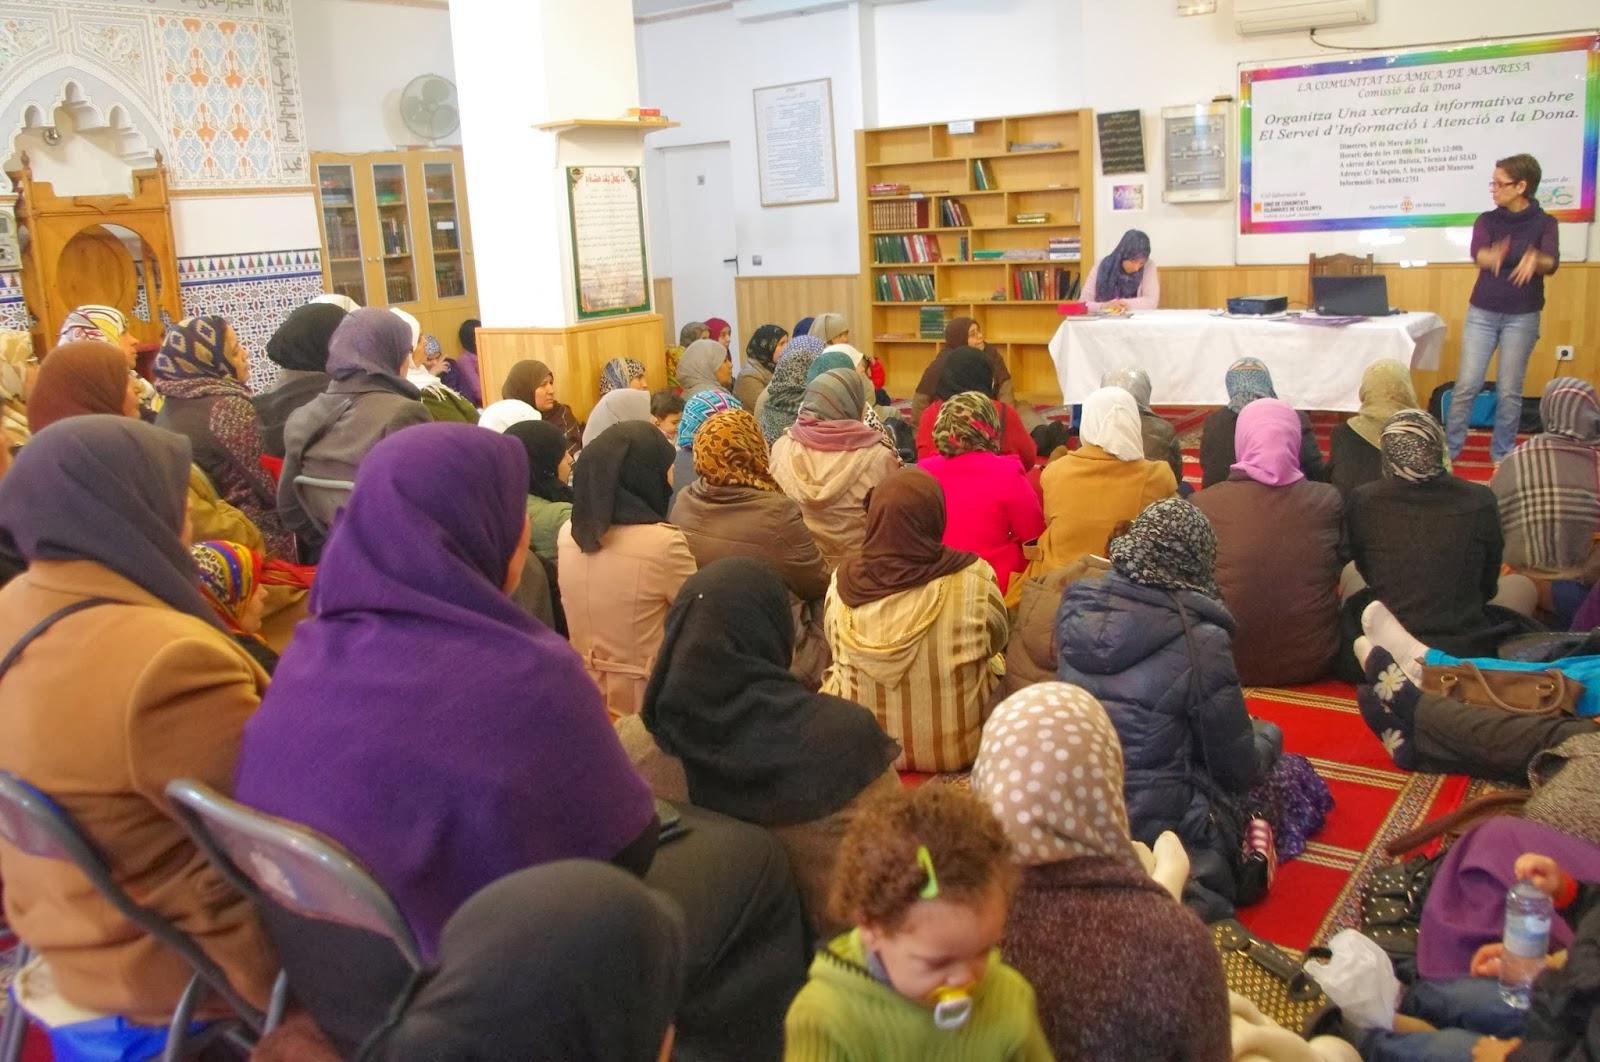 Jornada informativa sobre el Servicio de Información y Atención a la Mujer del Ayuntamiento de Manresa